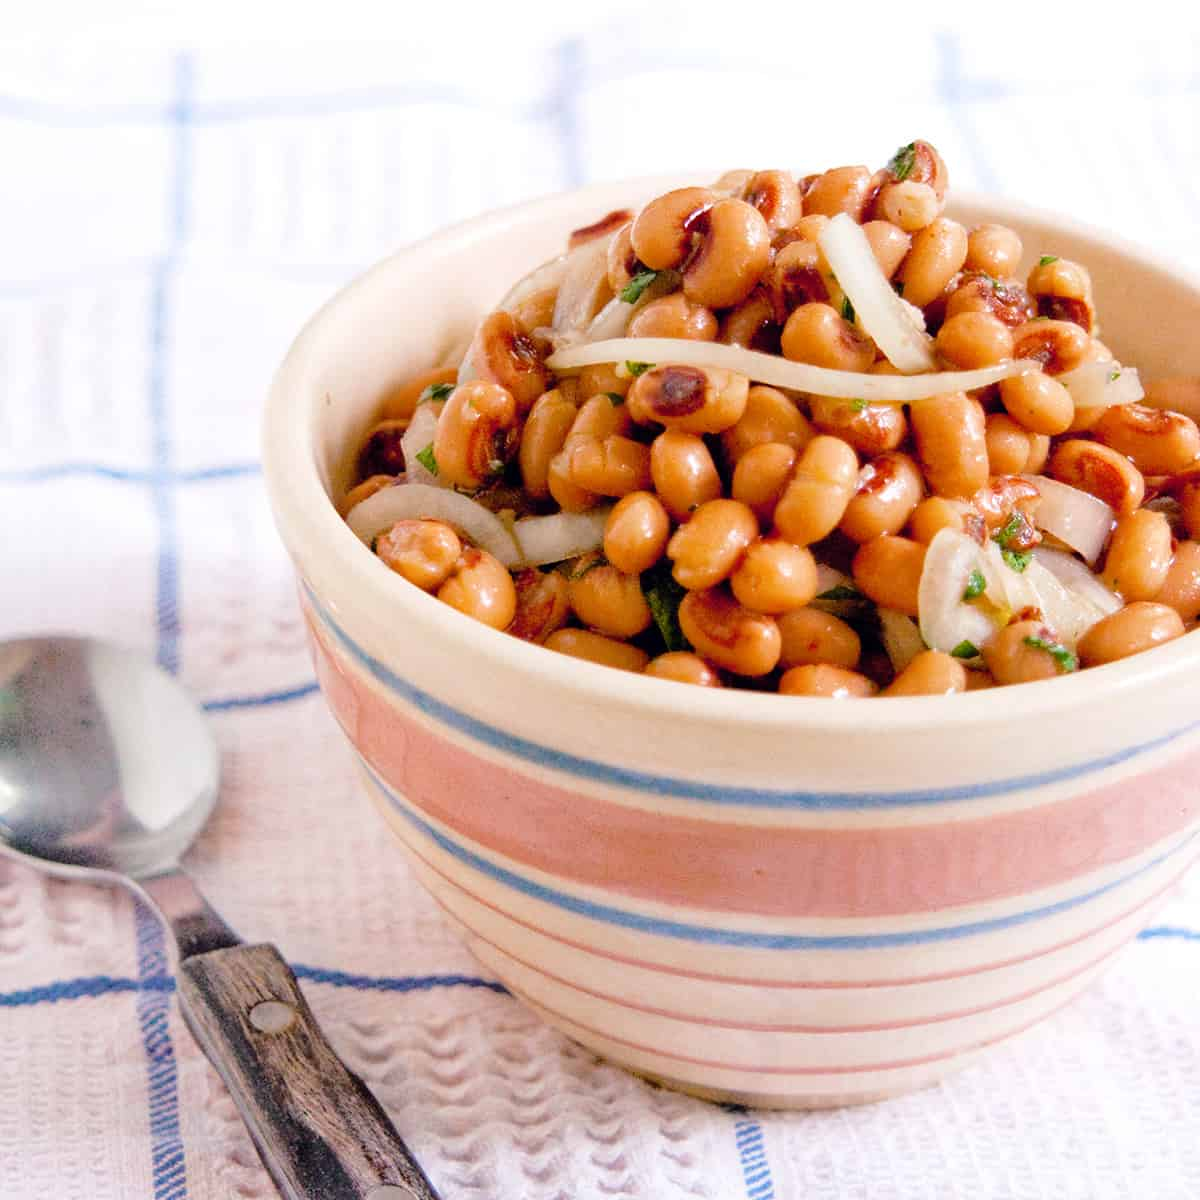 Black Eyed Pea Salad in a vintage serving bowl set on a kitchen towel.